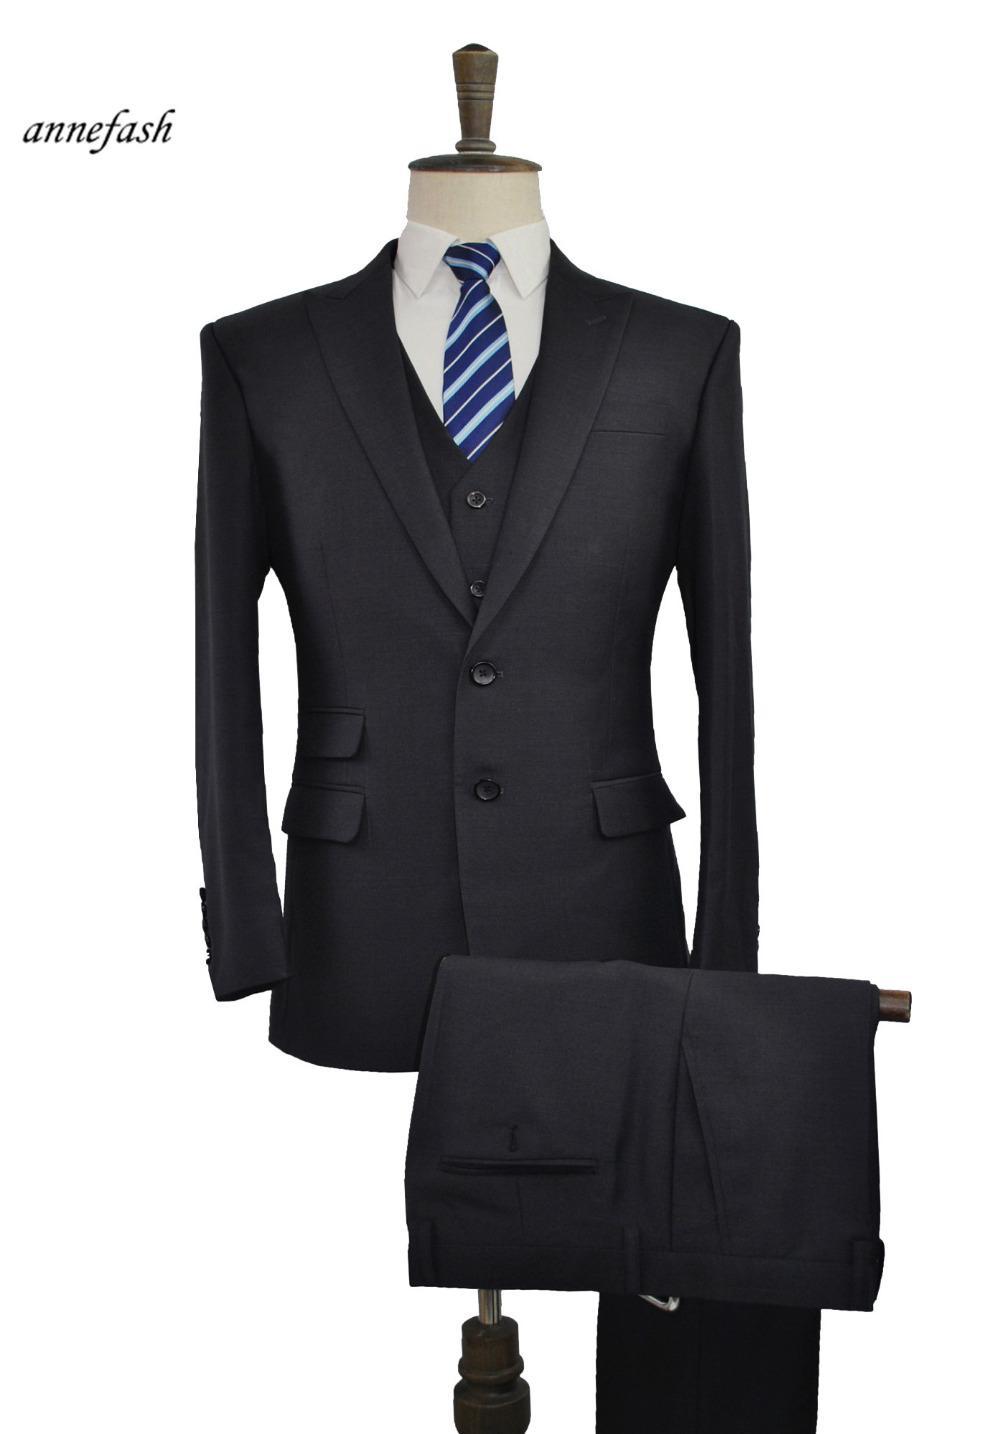 Мужская чистая шерсть черный бизнес, сделанный портной для портной версии свадебный костюм куртка брюки жилет высокого качества